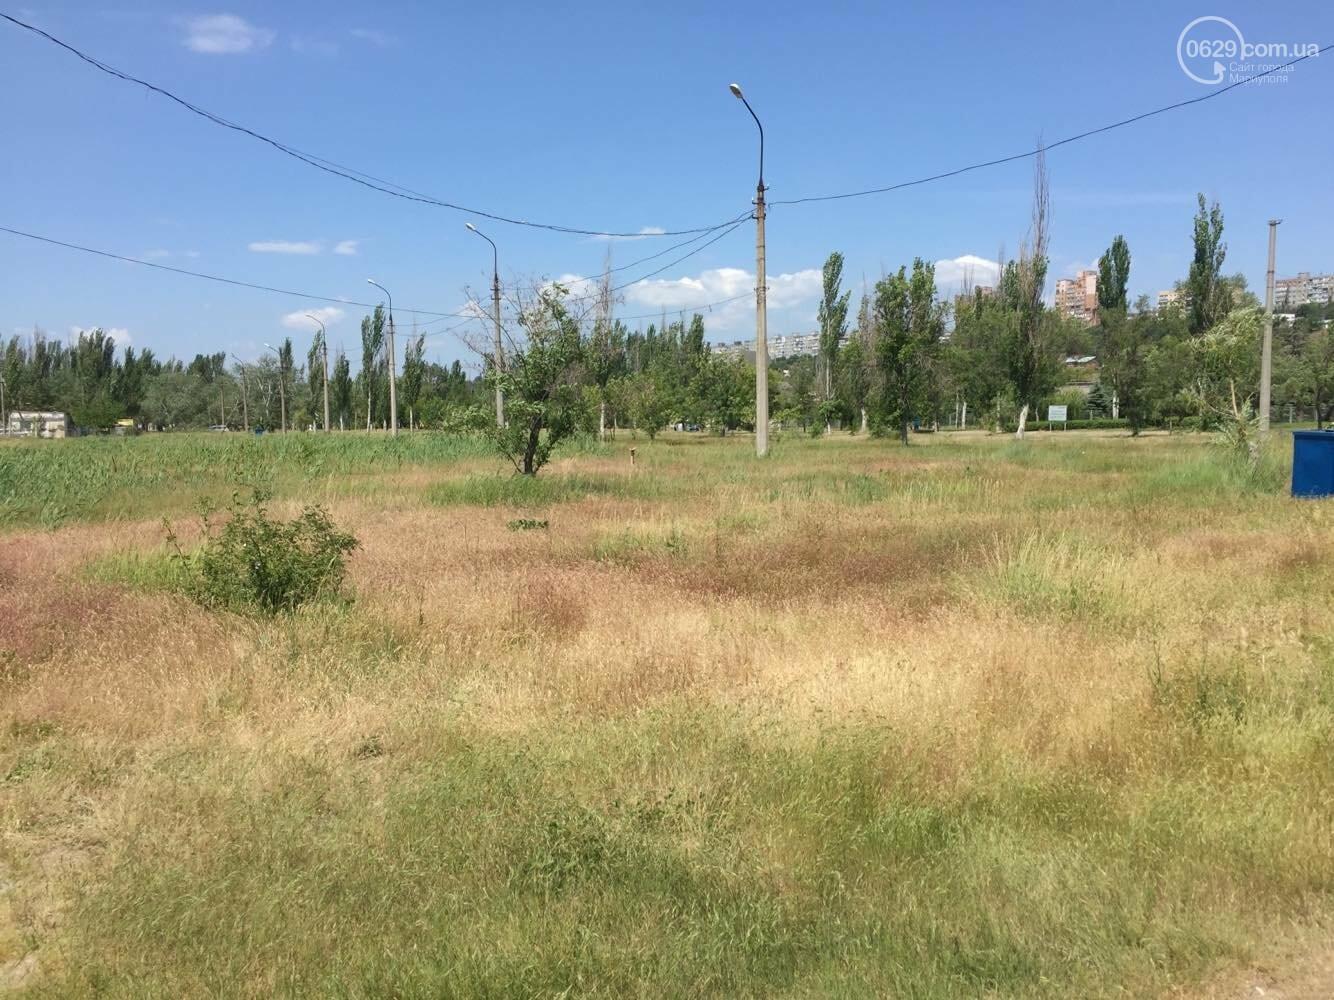 Реконструировать левобережную зону отдыха в  Мариуполе отдали известному поставщику саженцев, - ФОТО , фото-1